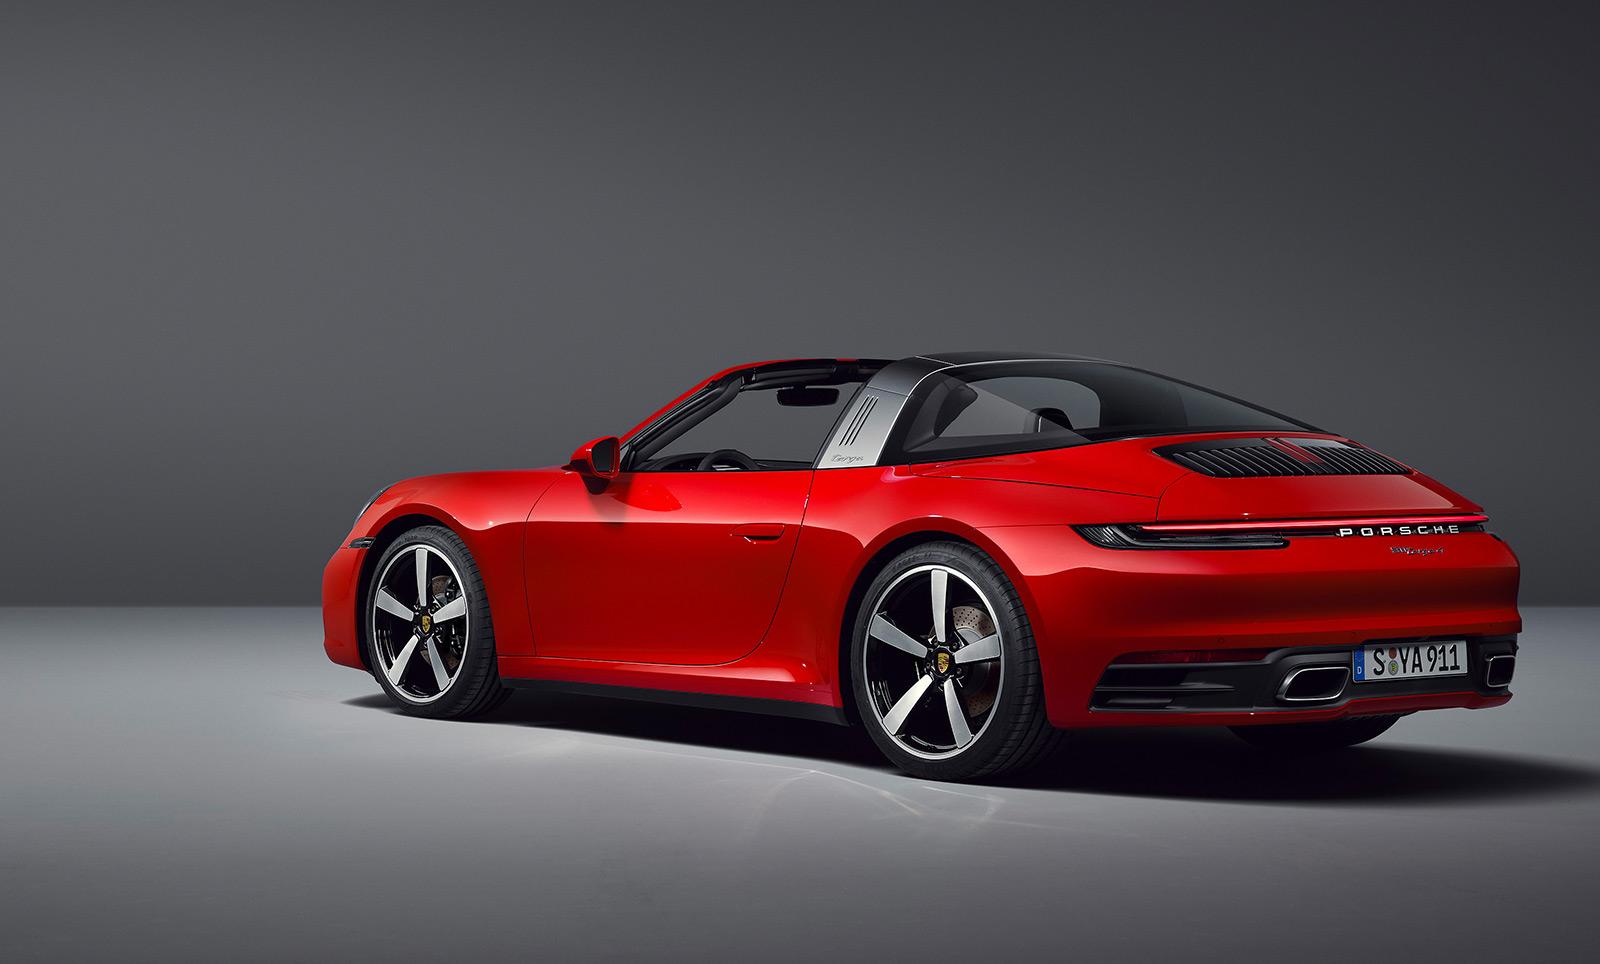 2020 Porsche 911 (992) Targa 4